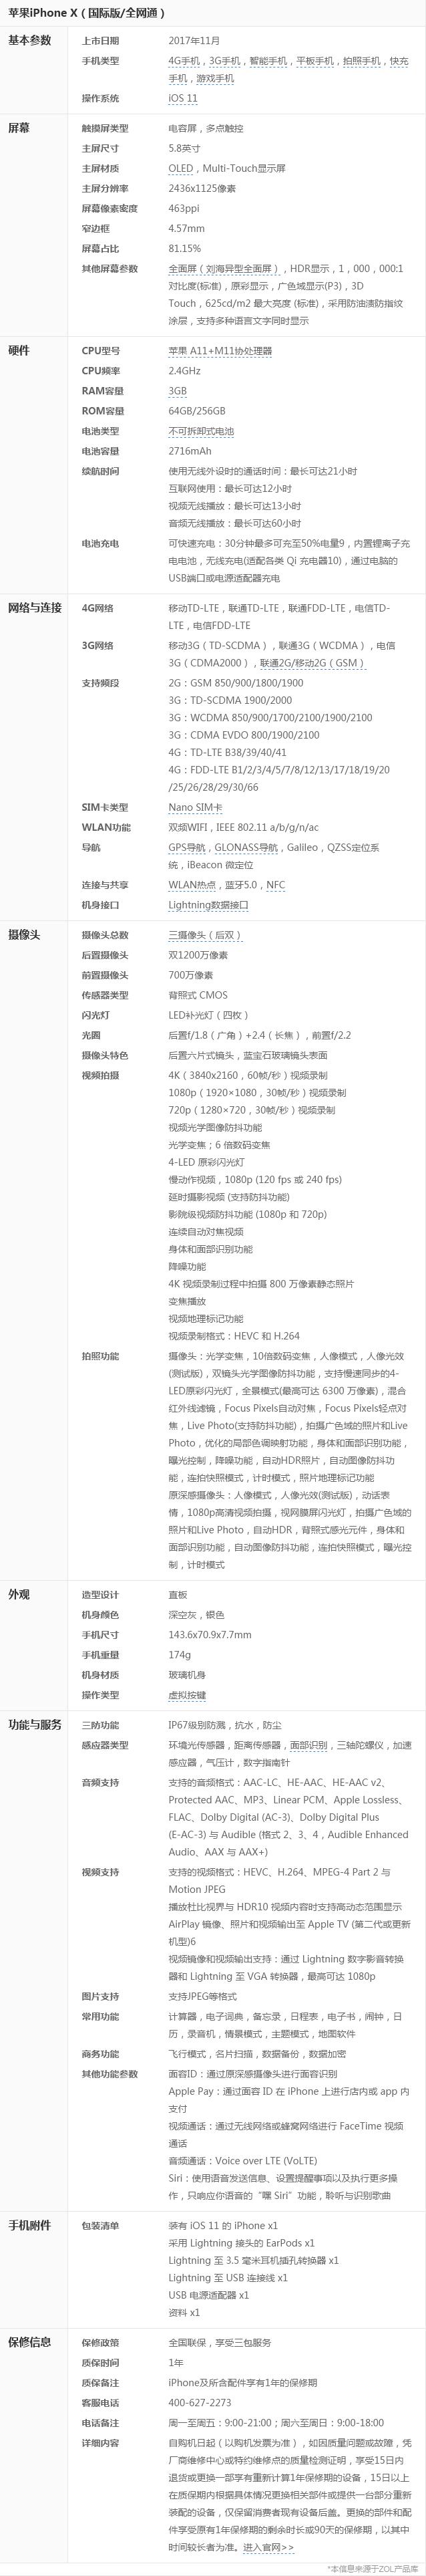 iPhone XR爆冷 iPhone低配机为何卖不动的照片 - 2